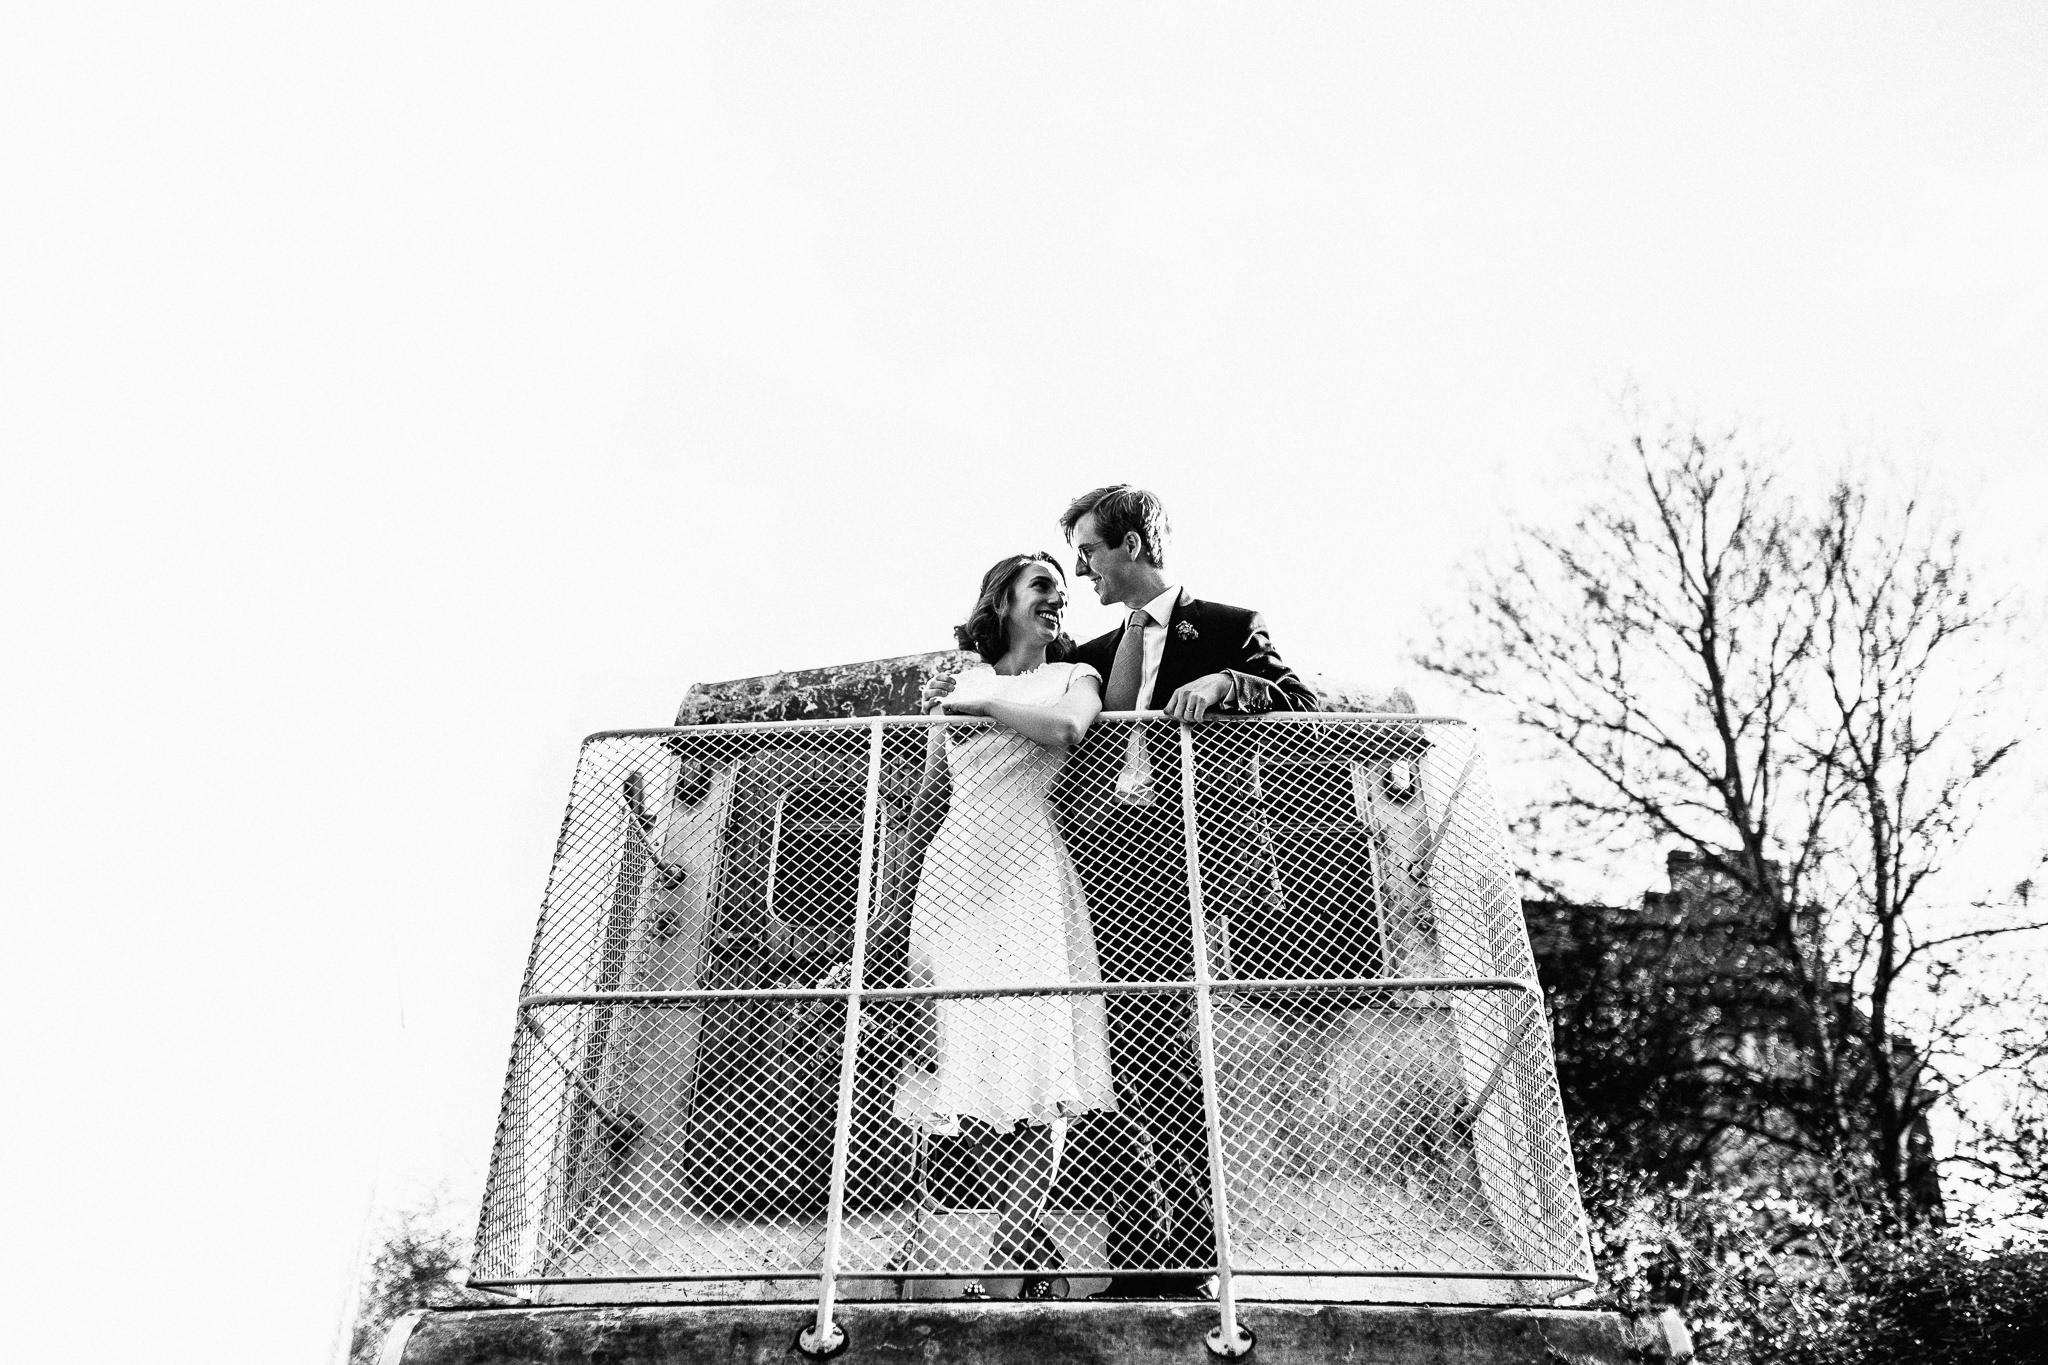 informal, fun, quirky hackney wedding